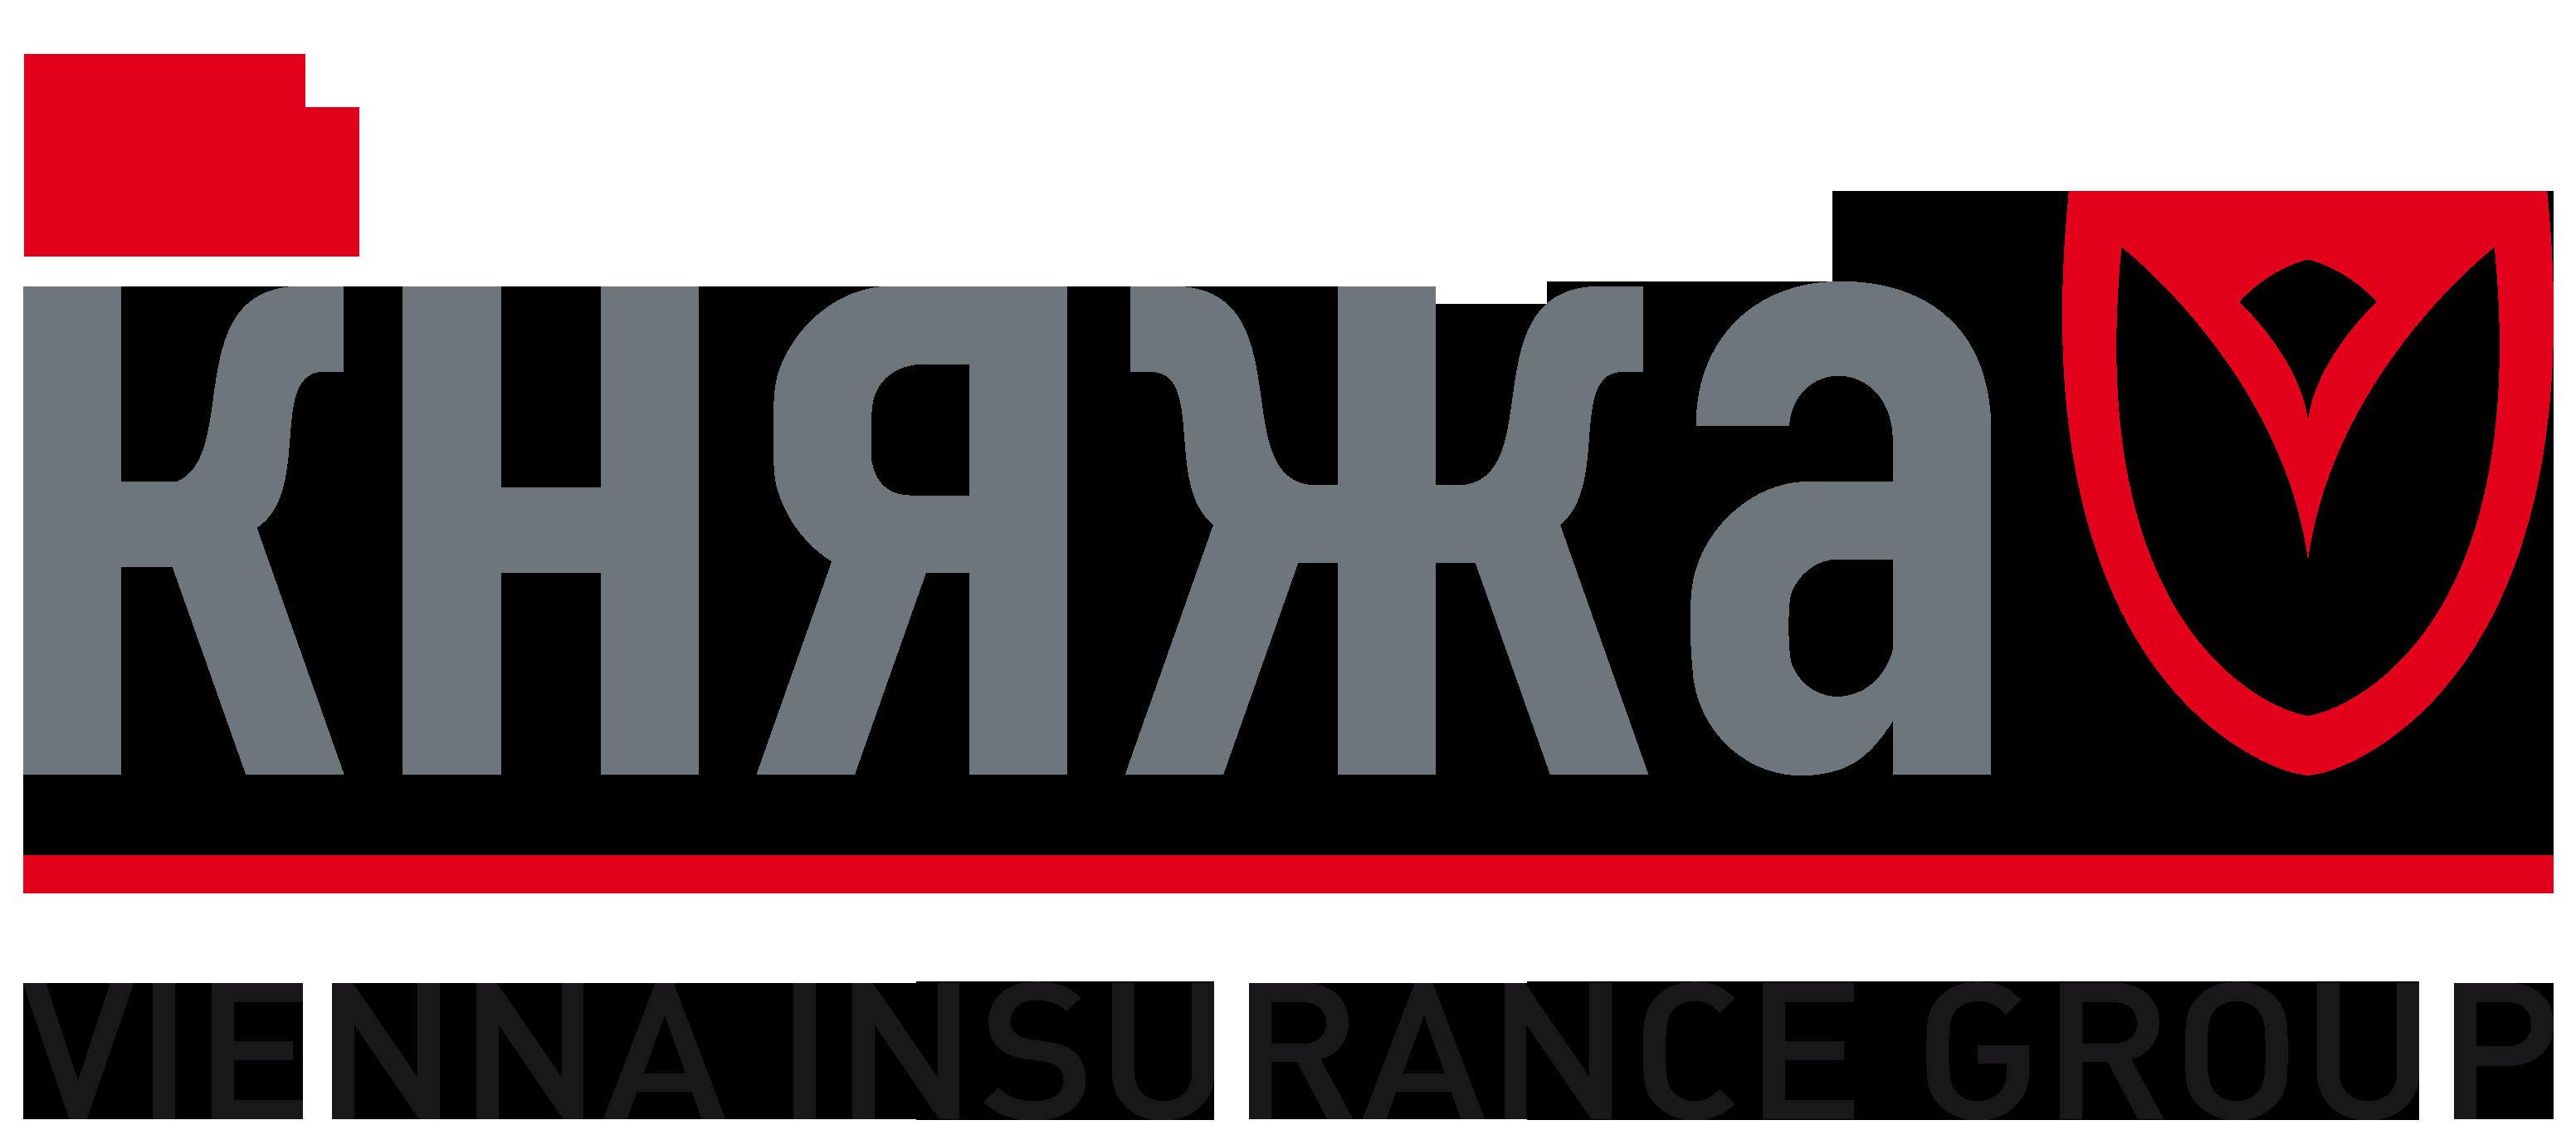 Княжа logo